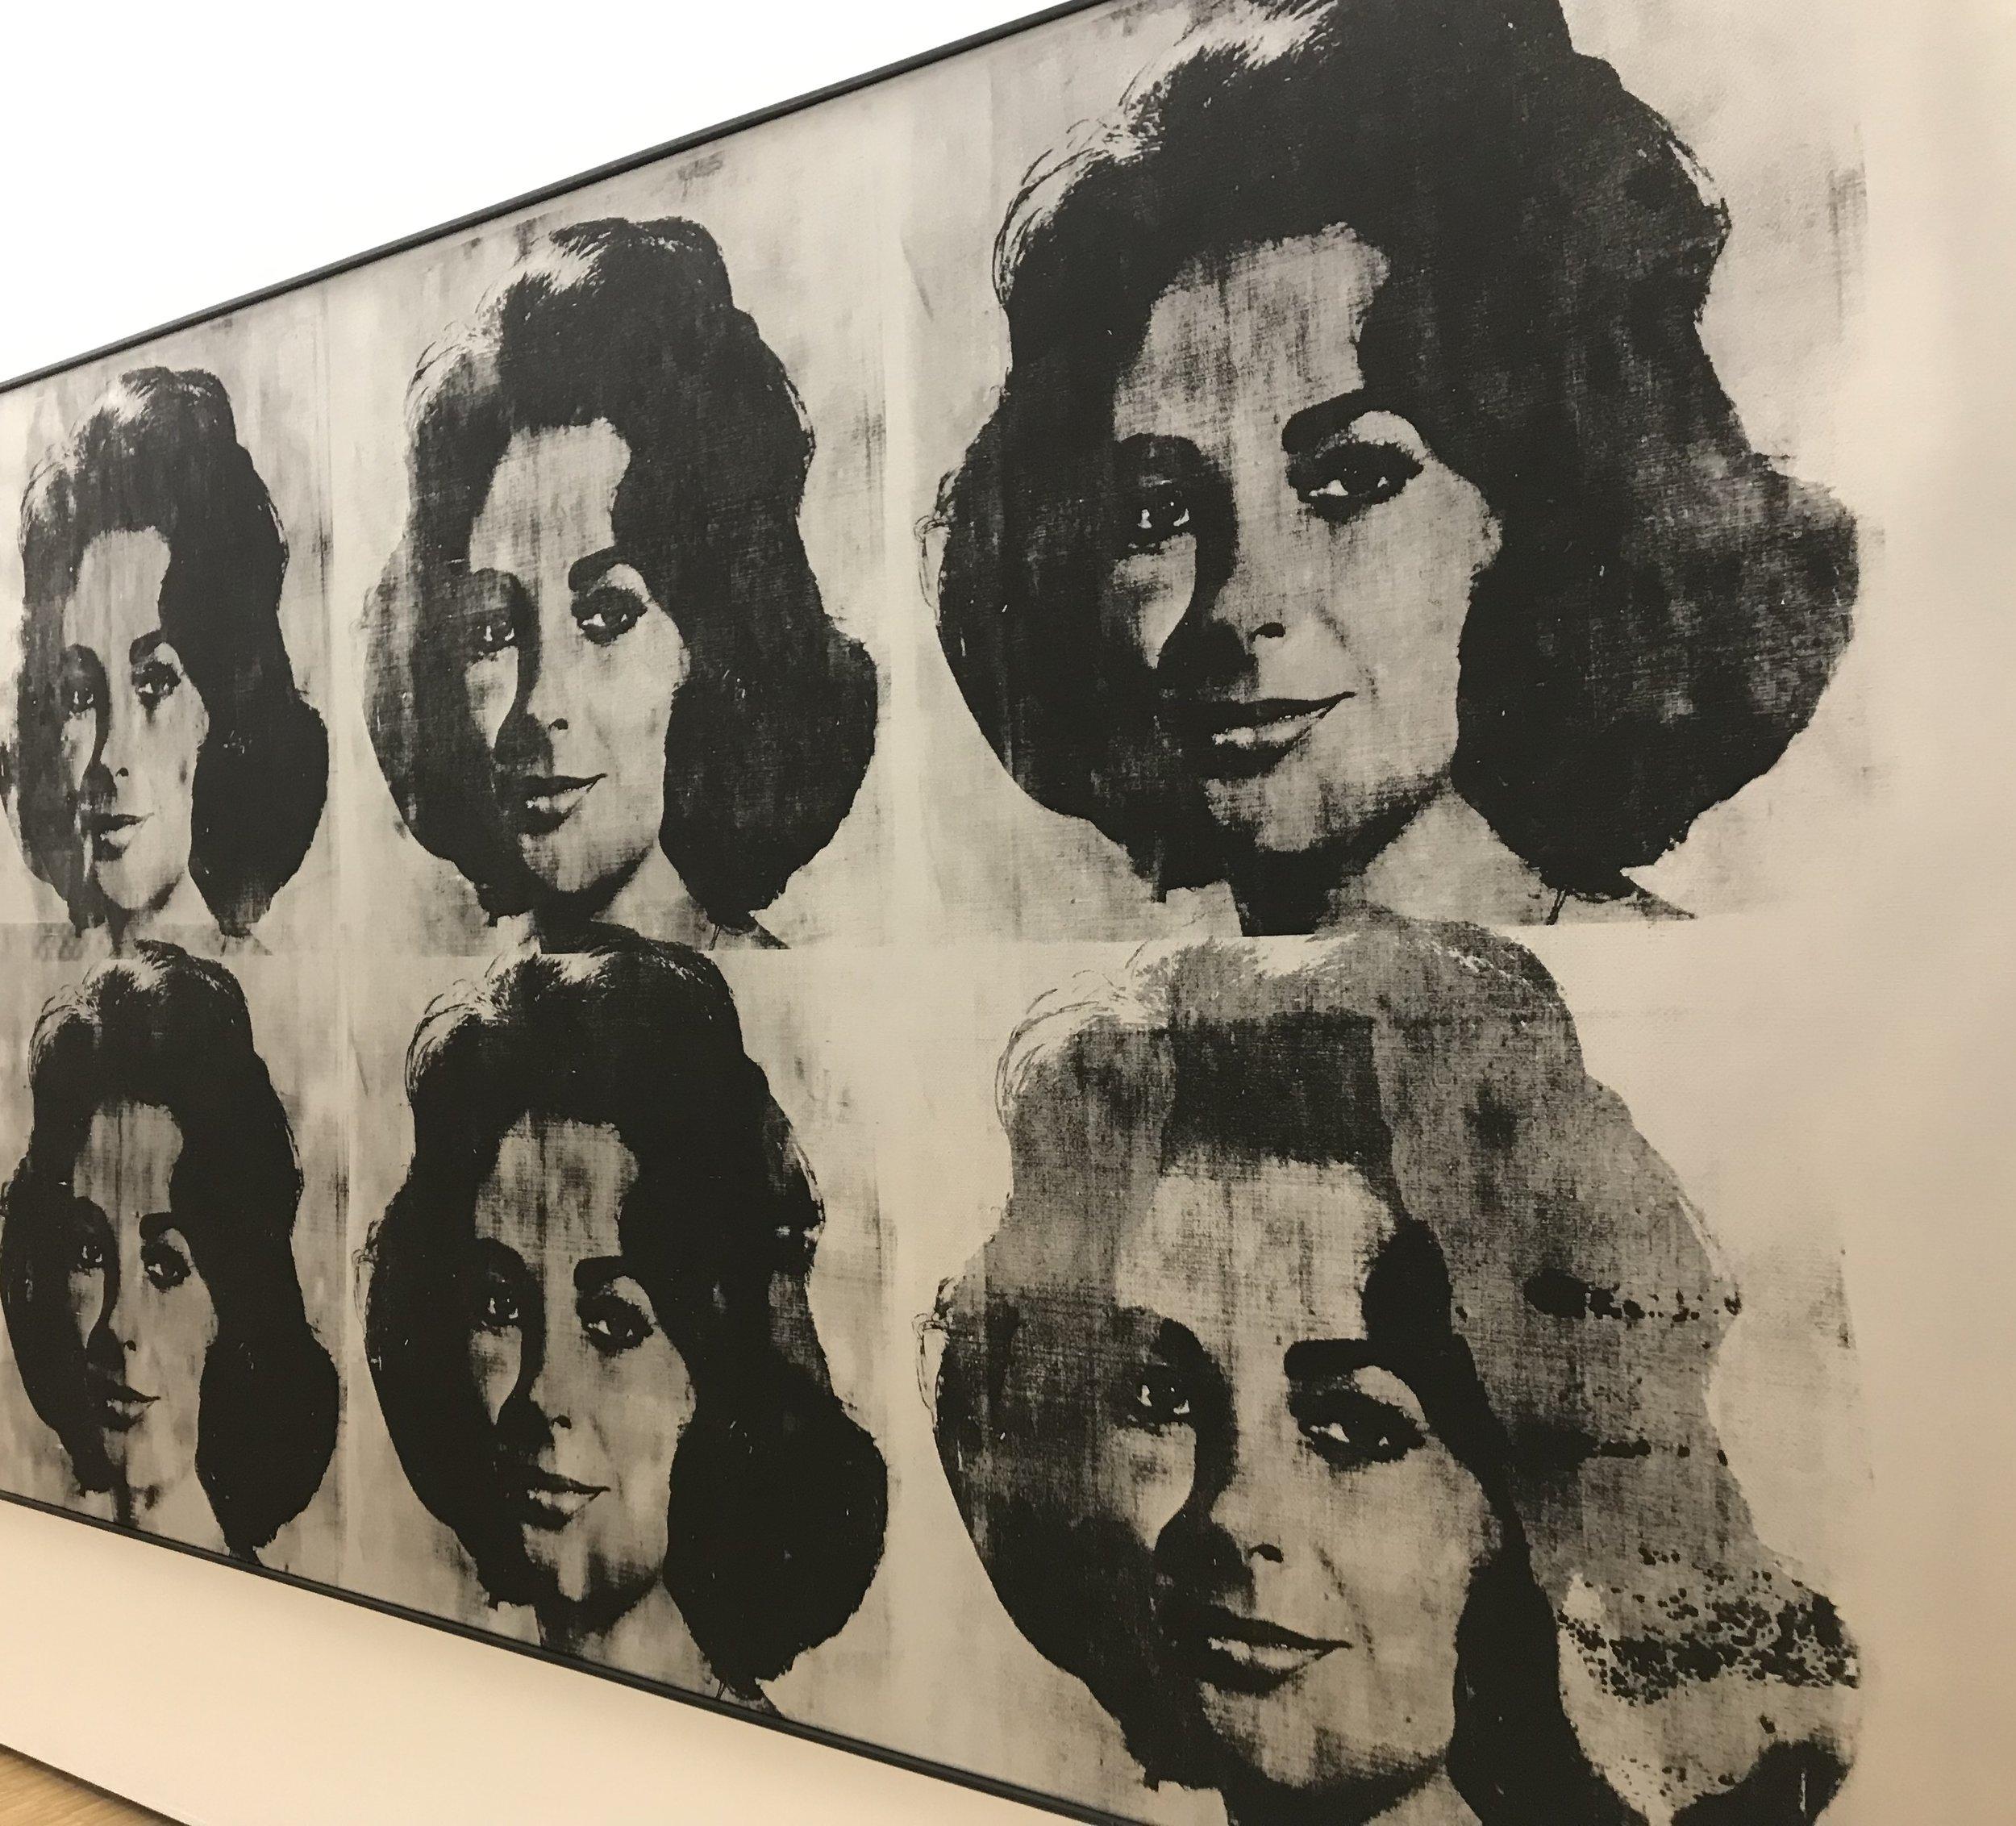 VISITE DU MUSÉE NATIONAL D'ART MODERNE AU CENTRE POMPIDOU